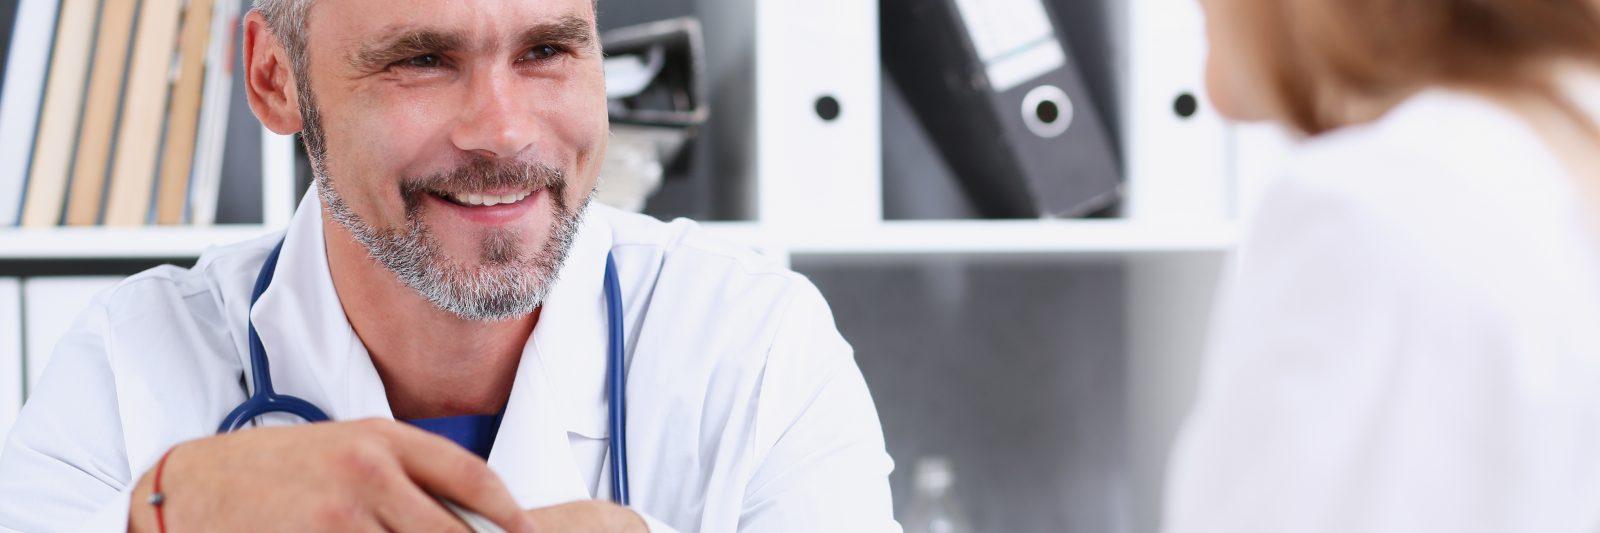 läkare ger råd och stöd till andra läkare